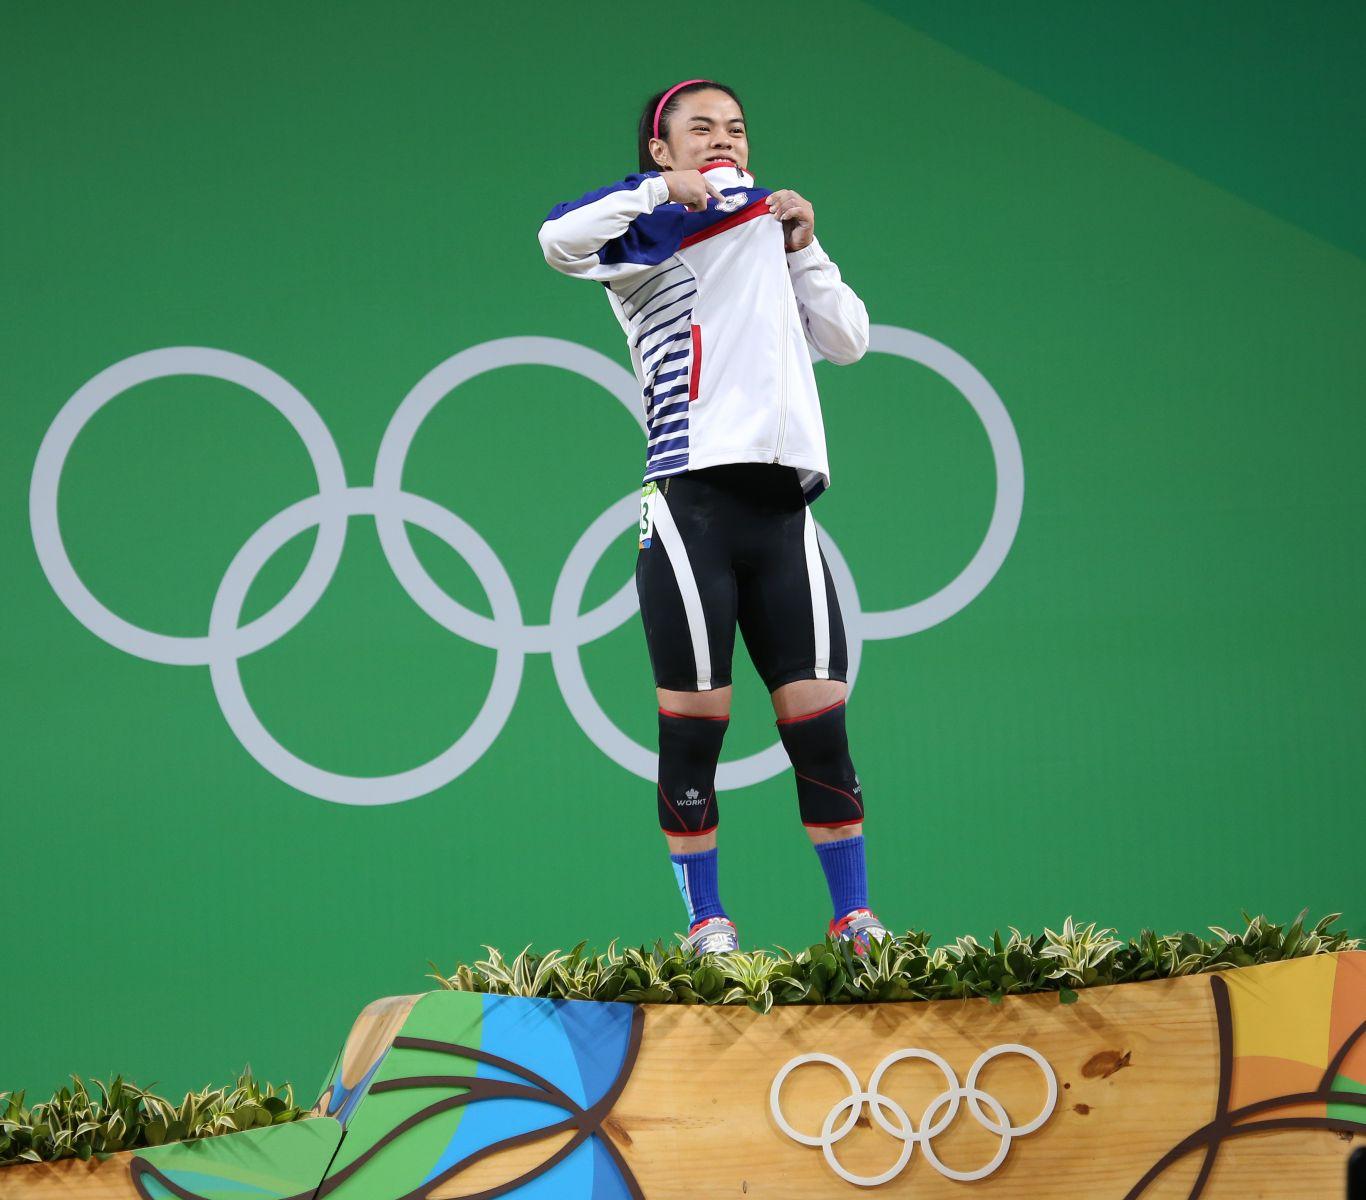 許淑淨奧運金牌連霸。攝影/李天助